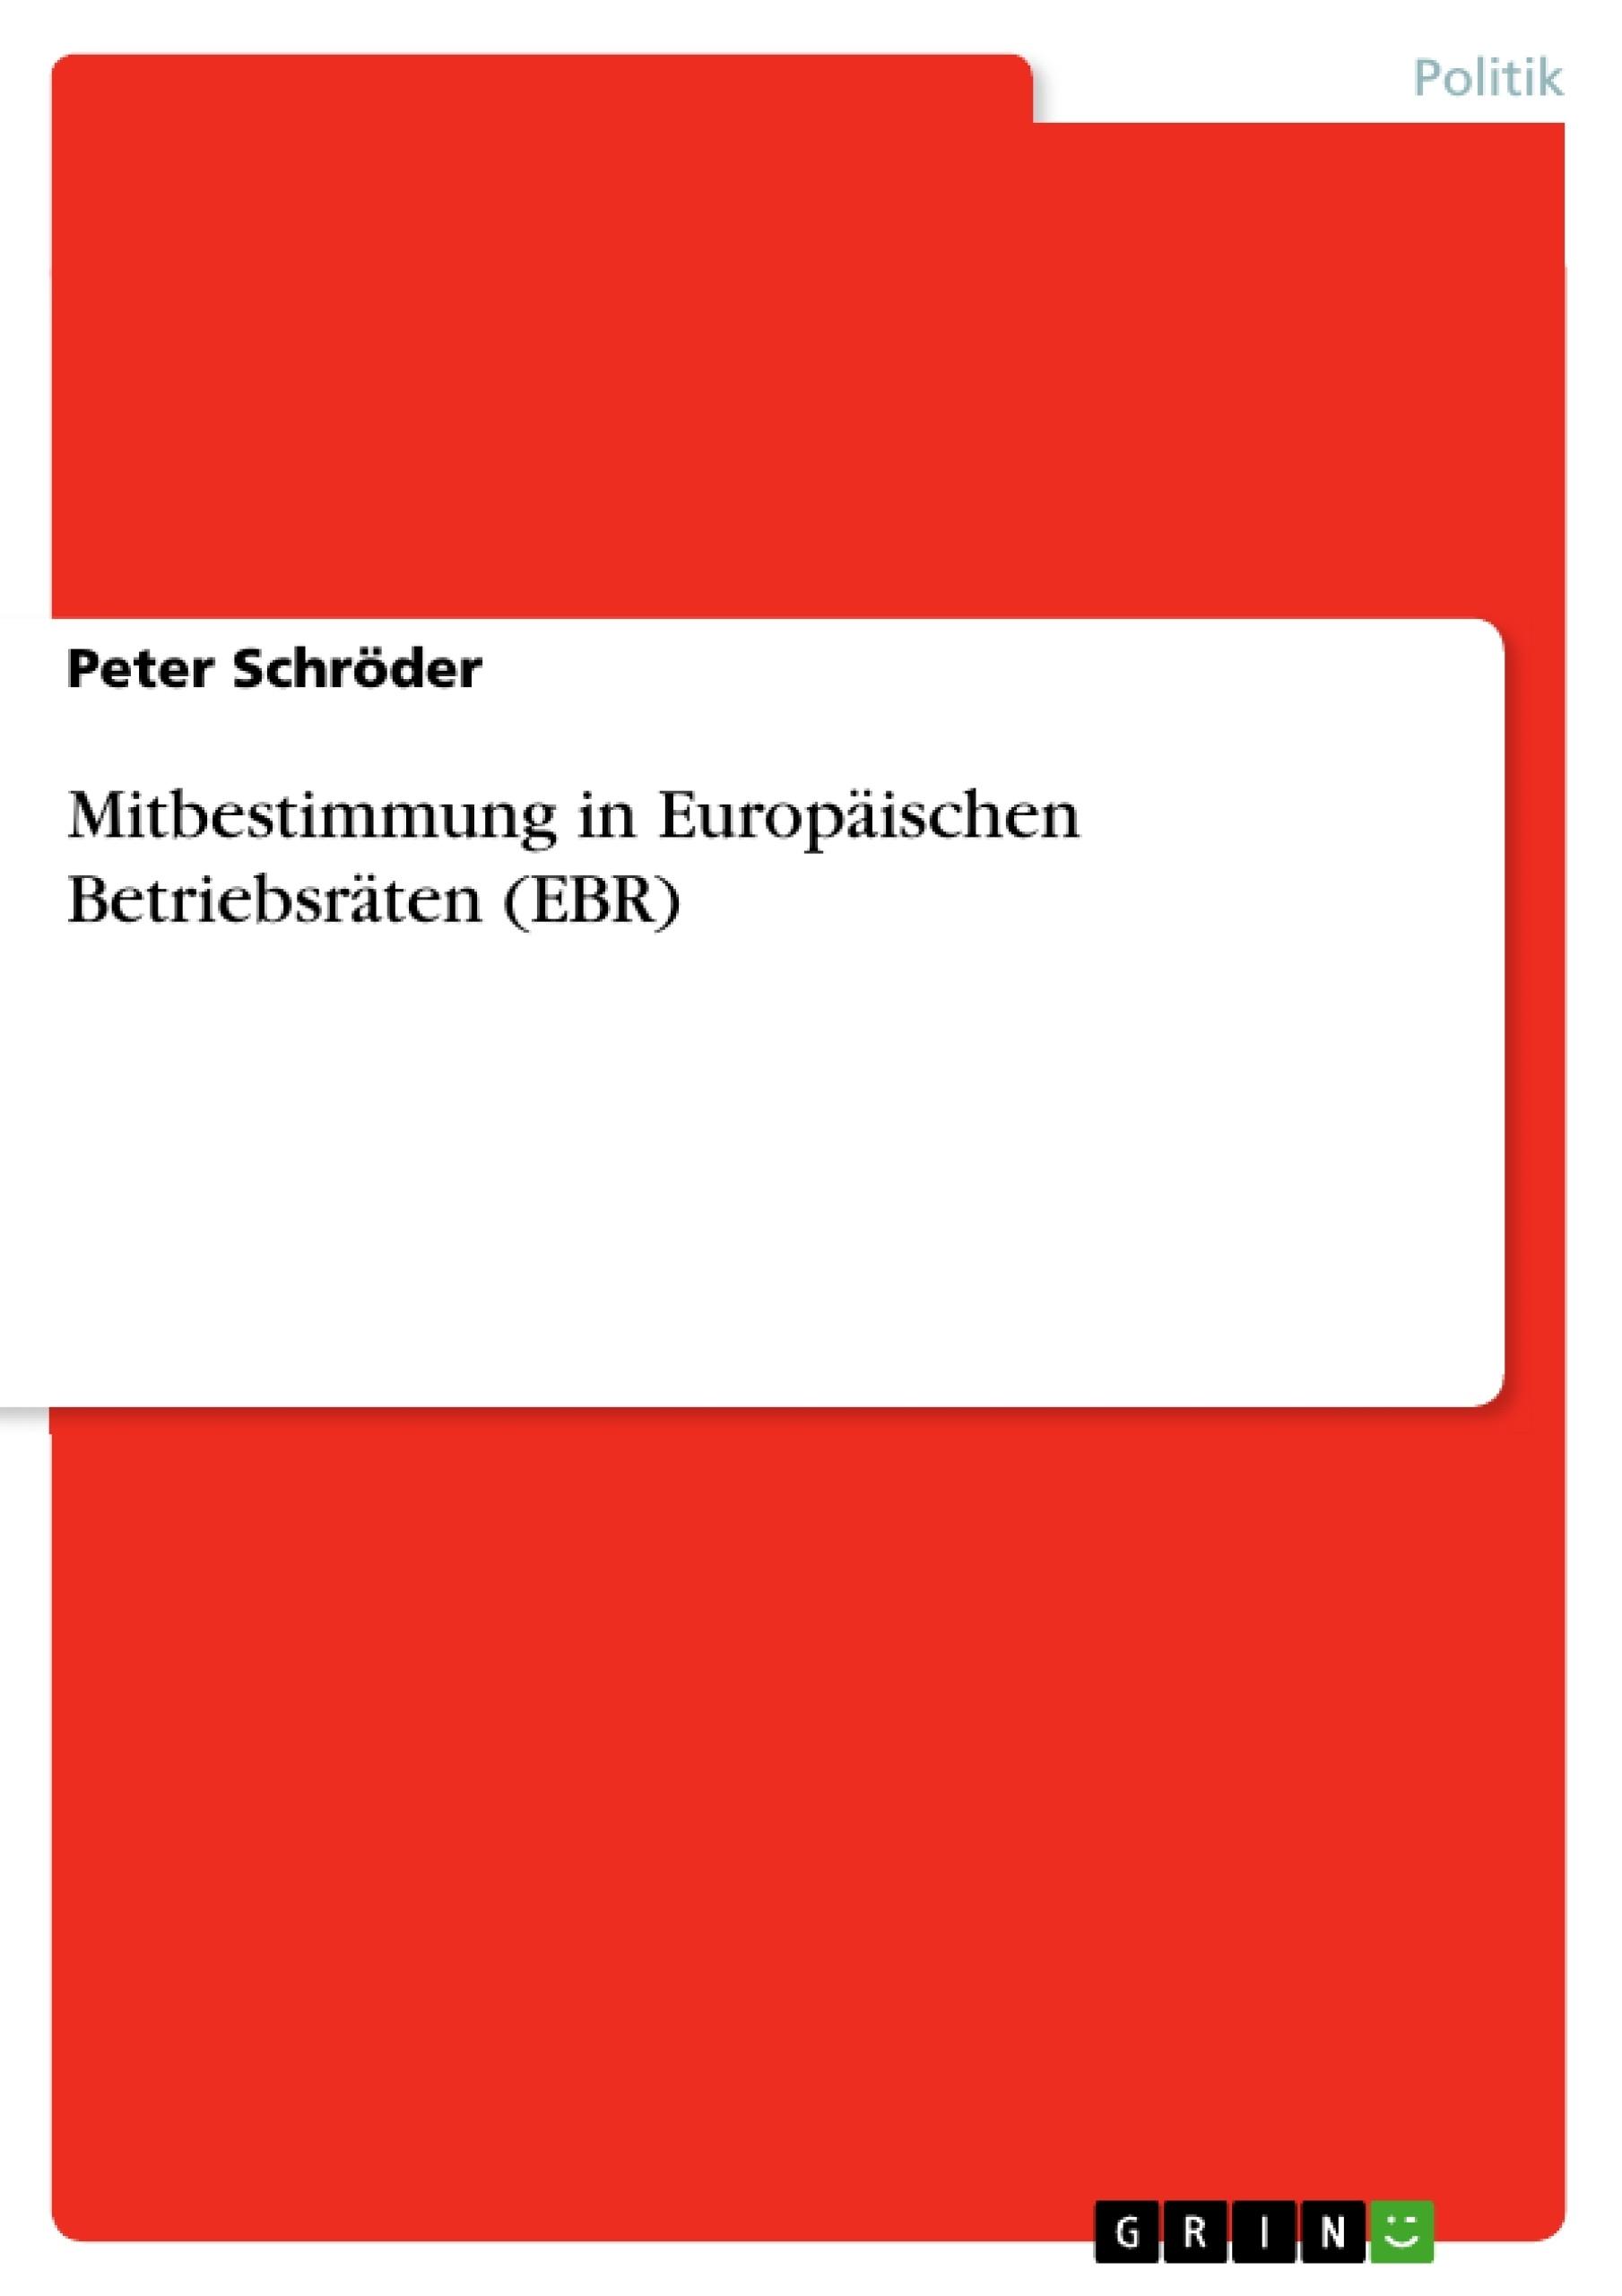 Titel: Mitbestimmung in Europäischen Betriebsräten (EBR)